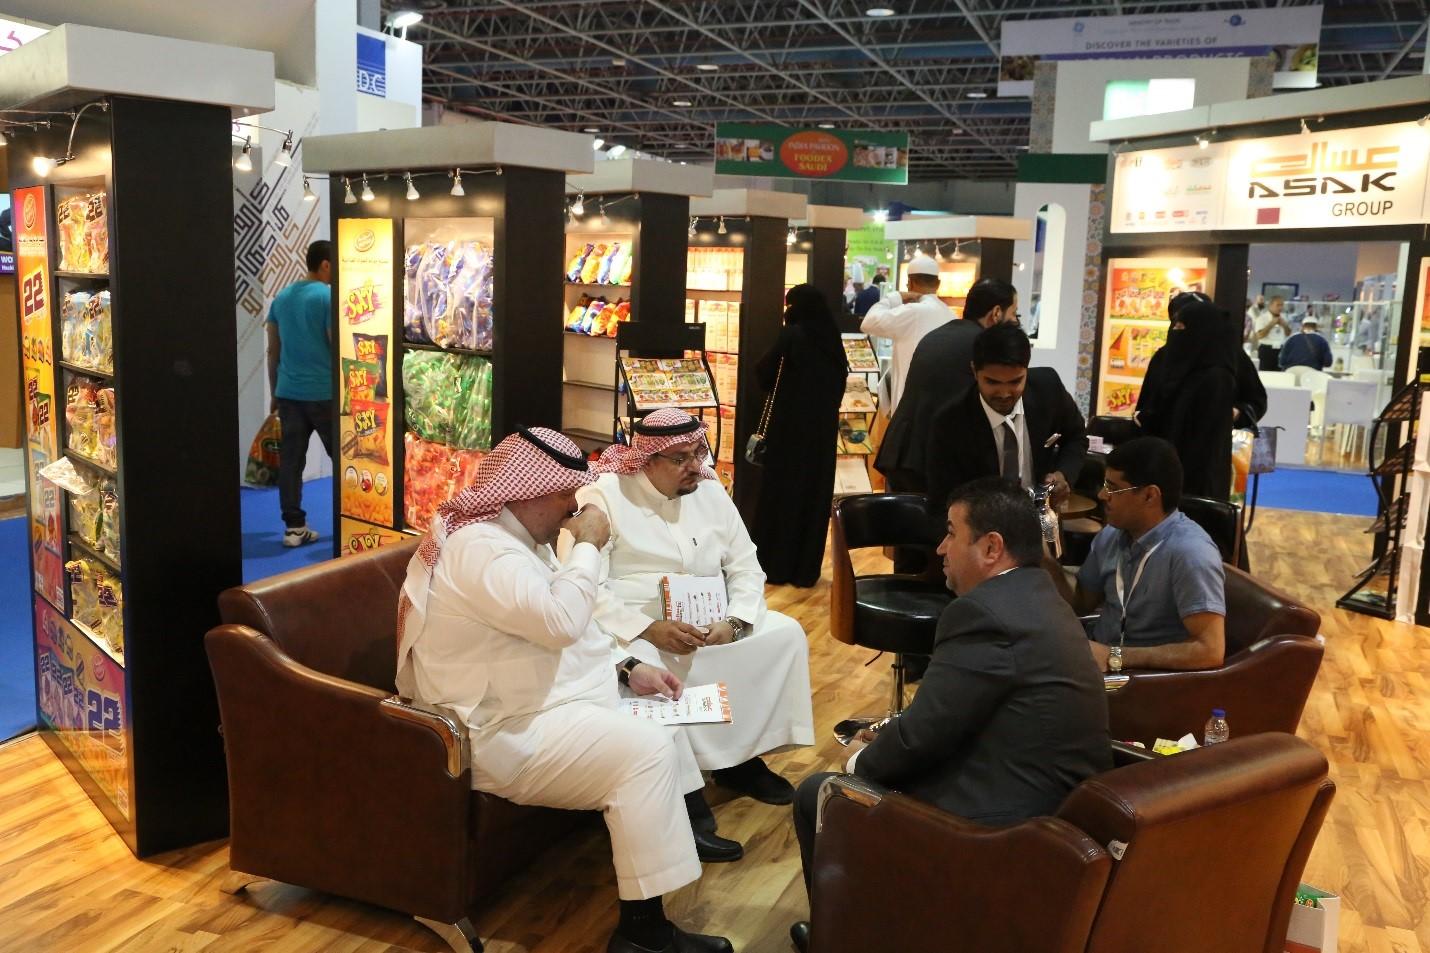 Форум производителей пищевых продуктов Foodex Saudi в Саудовской Аравии, 12-15 ноября